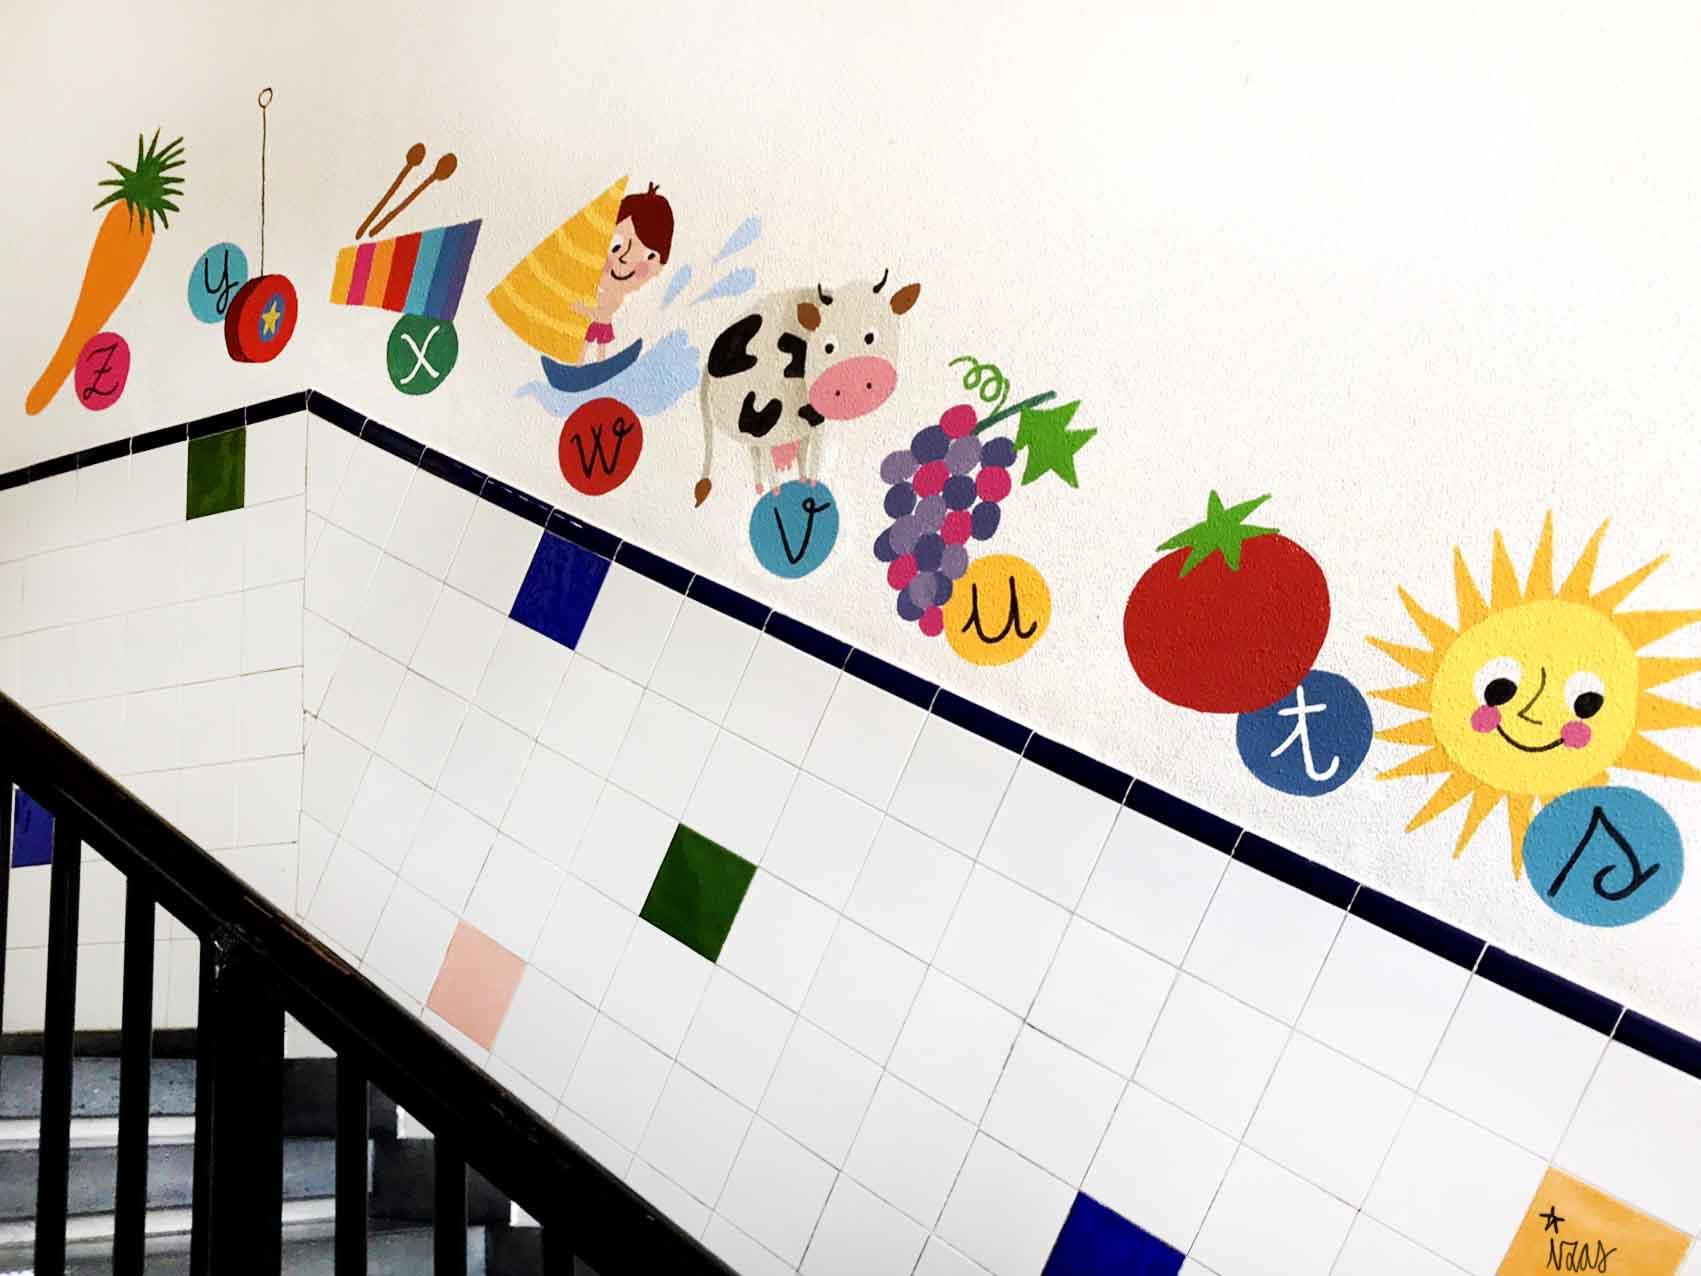 mural izas azulpatio soledad sainz escalera 24